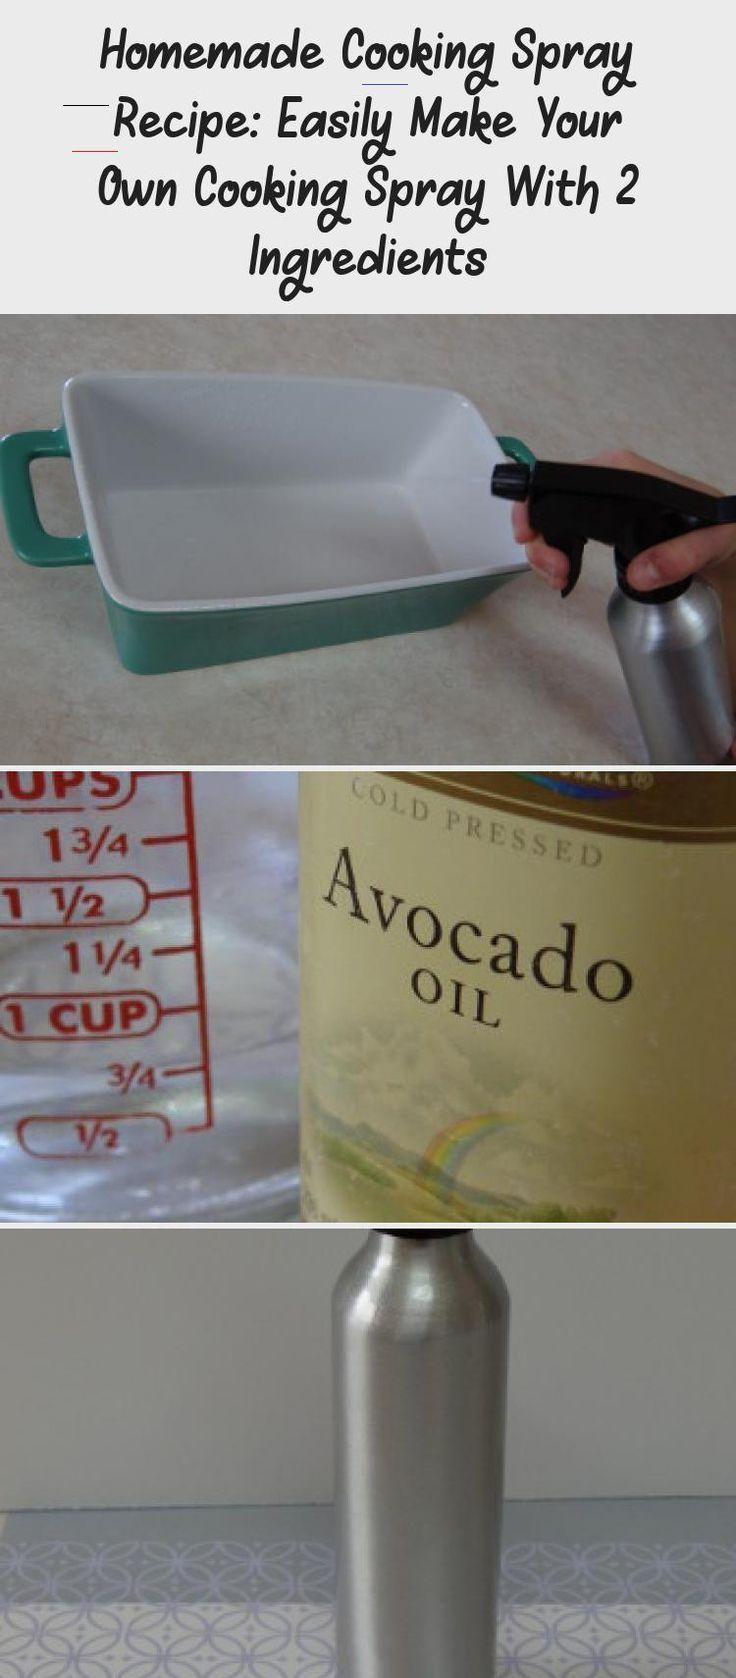 Hausgemachtes Kochspray Rezept: Machen Sie ganz einfach Ihr eigenes Kochspray mit 2 Zutaten ....